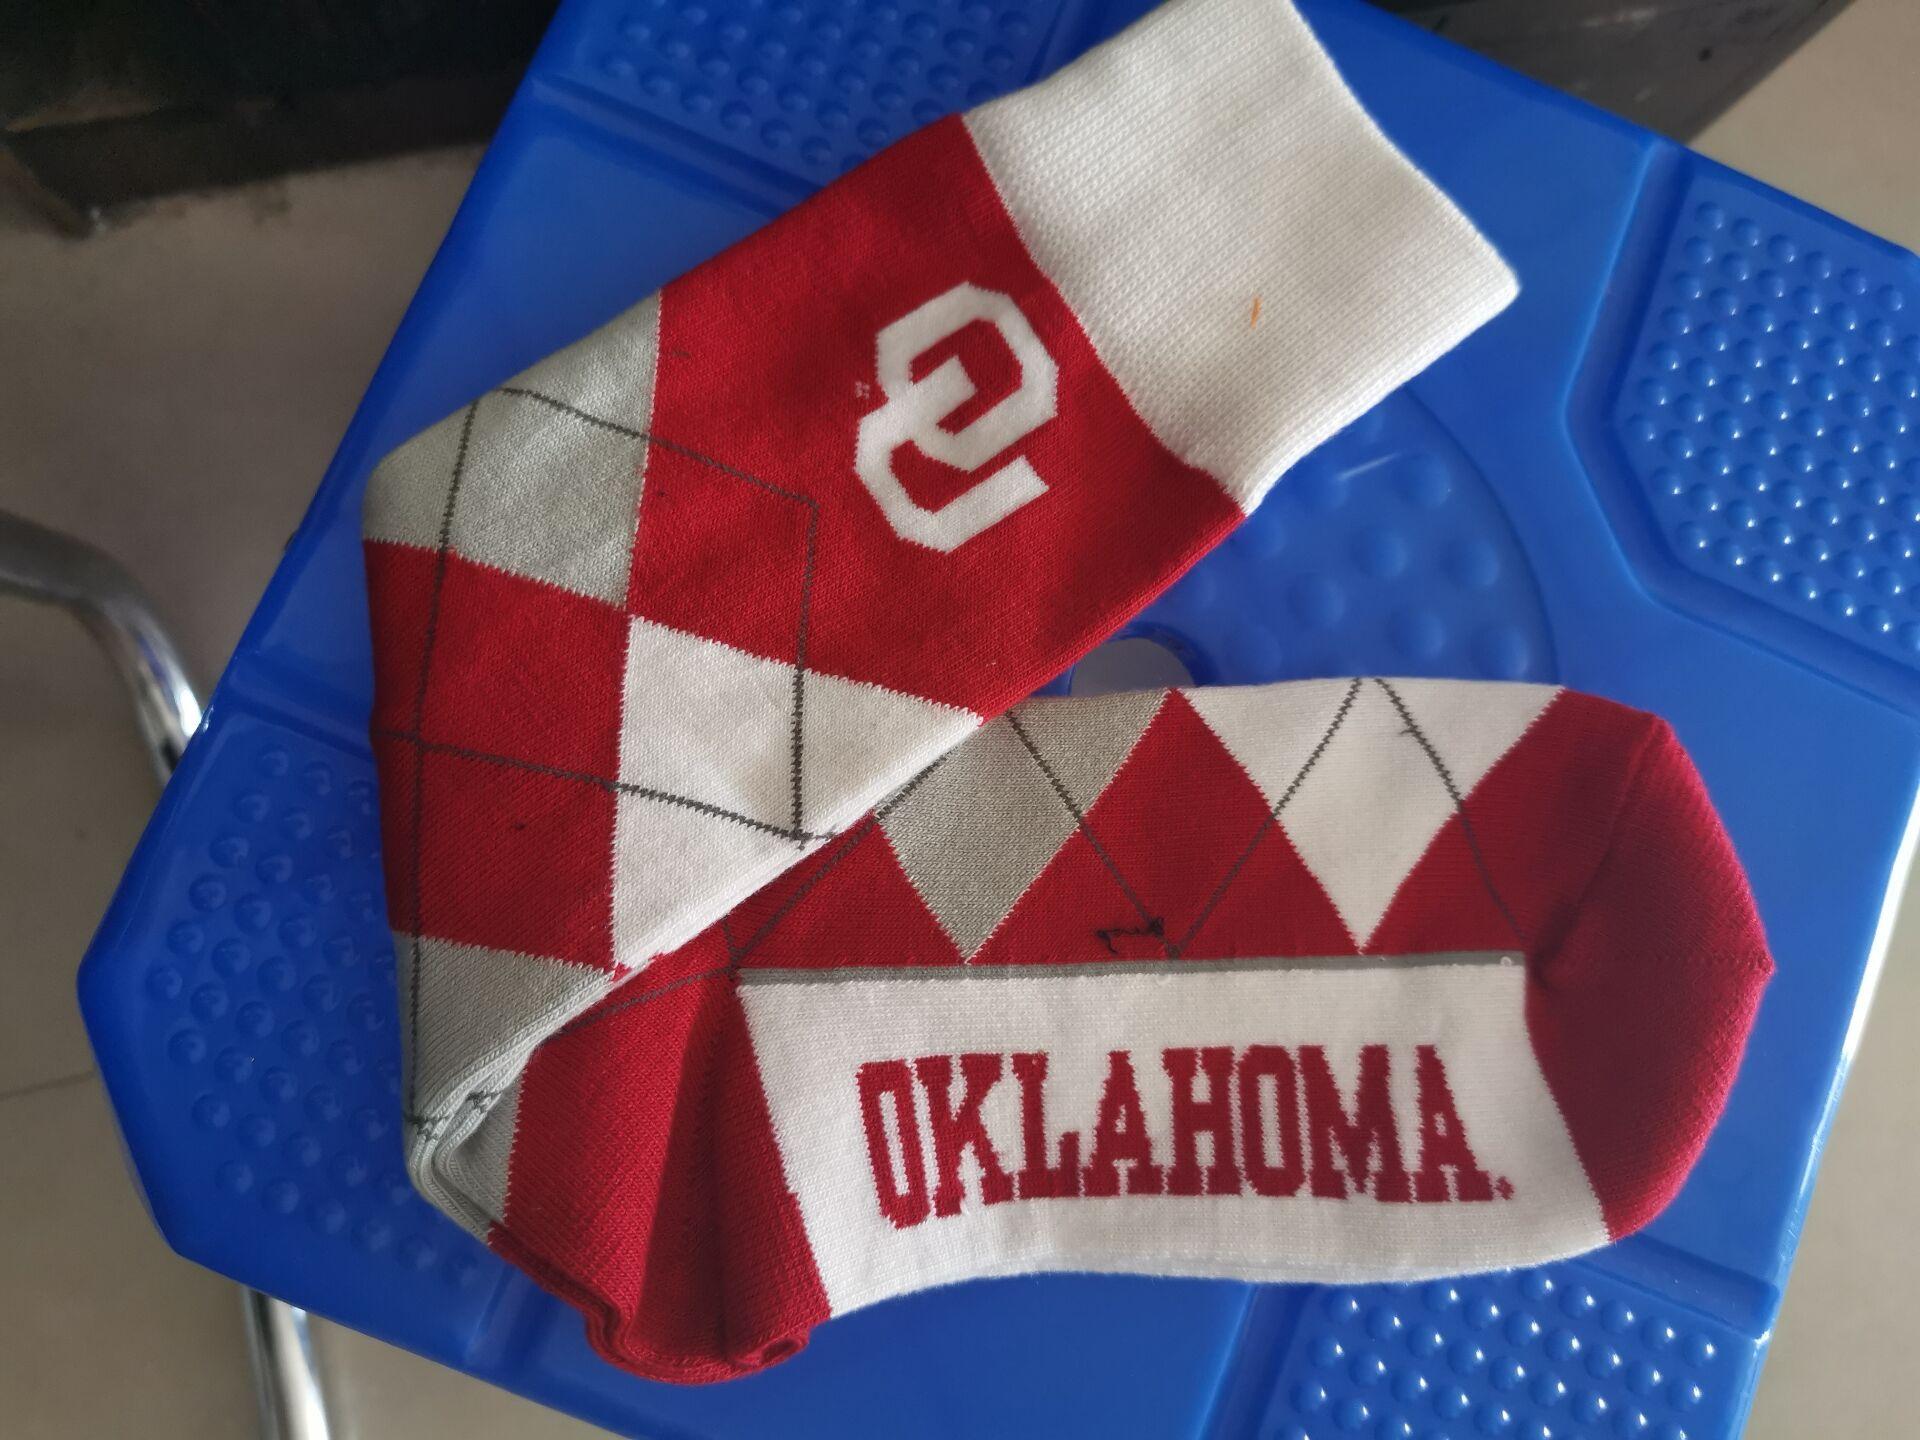 Oklahoma Sooners Team Logo NCAA Socks